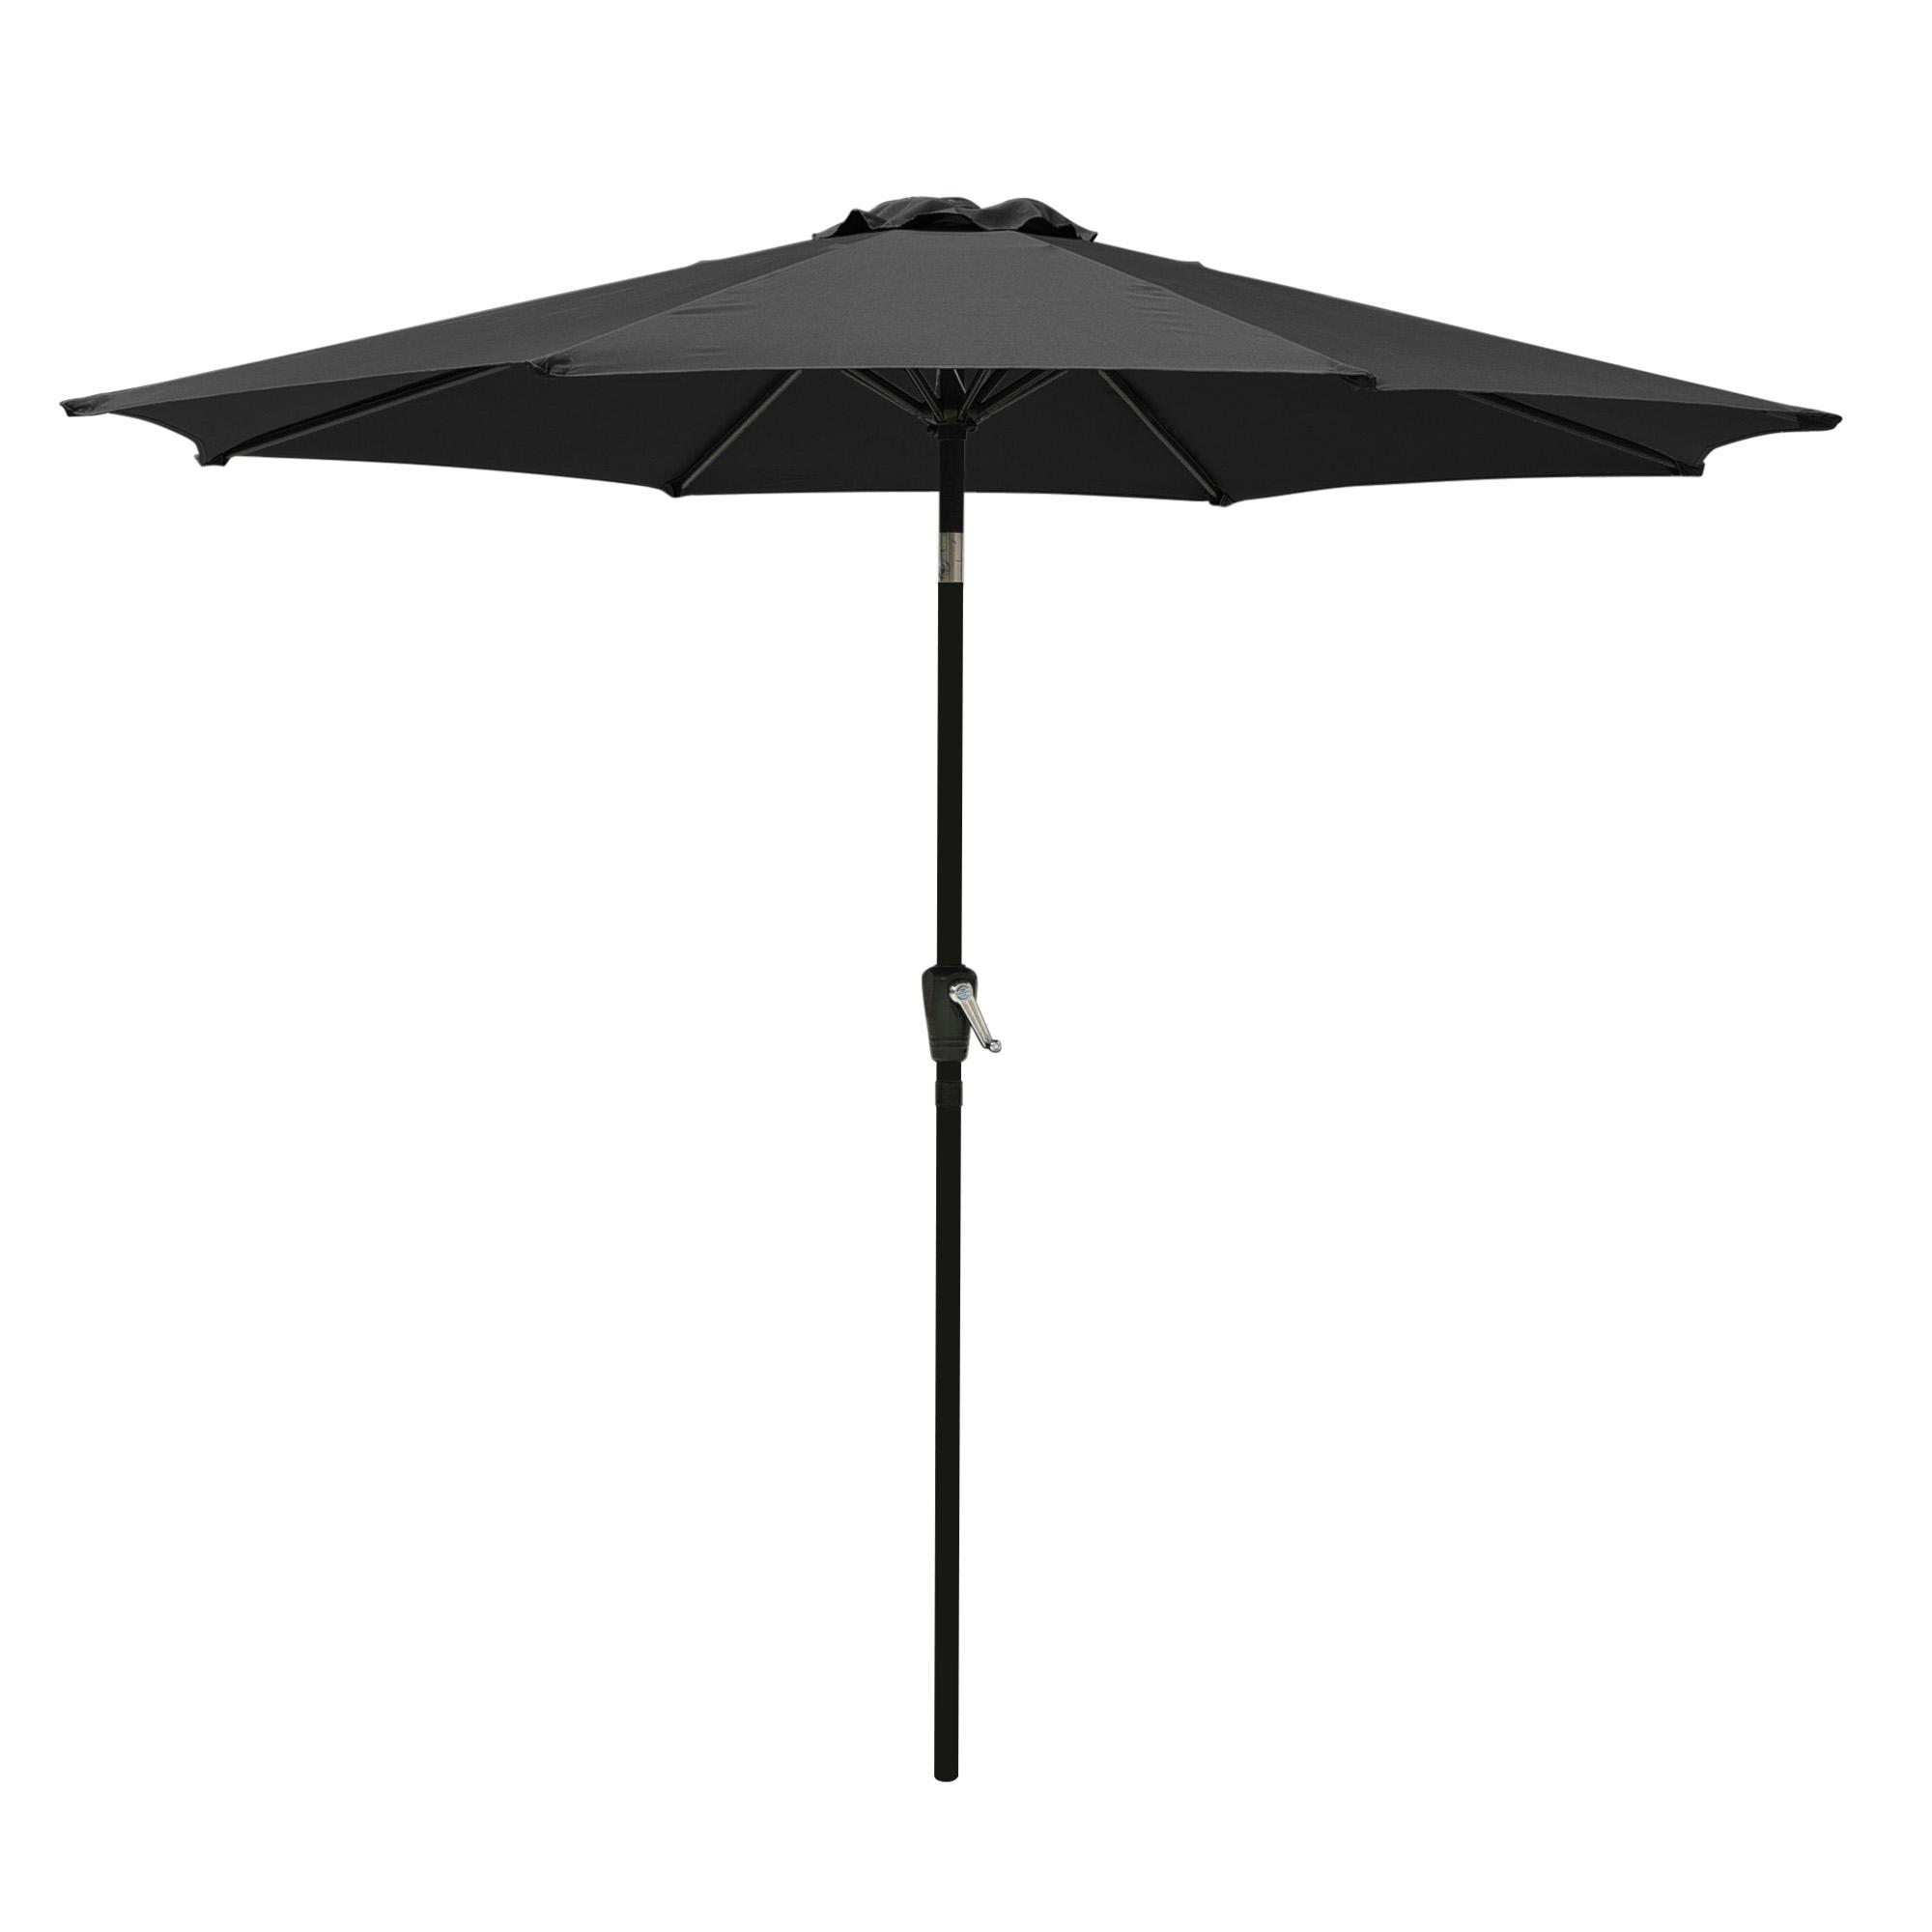 thumbnail 43 - 9' Outdoor Umbrella Patio 8 Ribs Market Garden Crank Tilt Beach Sunshade Parasol